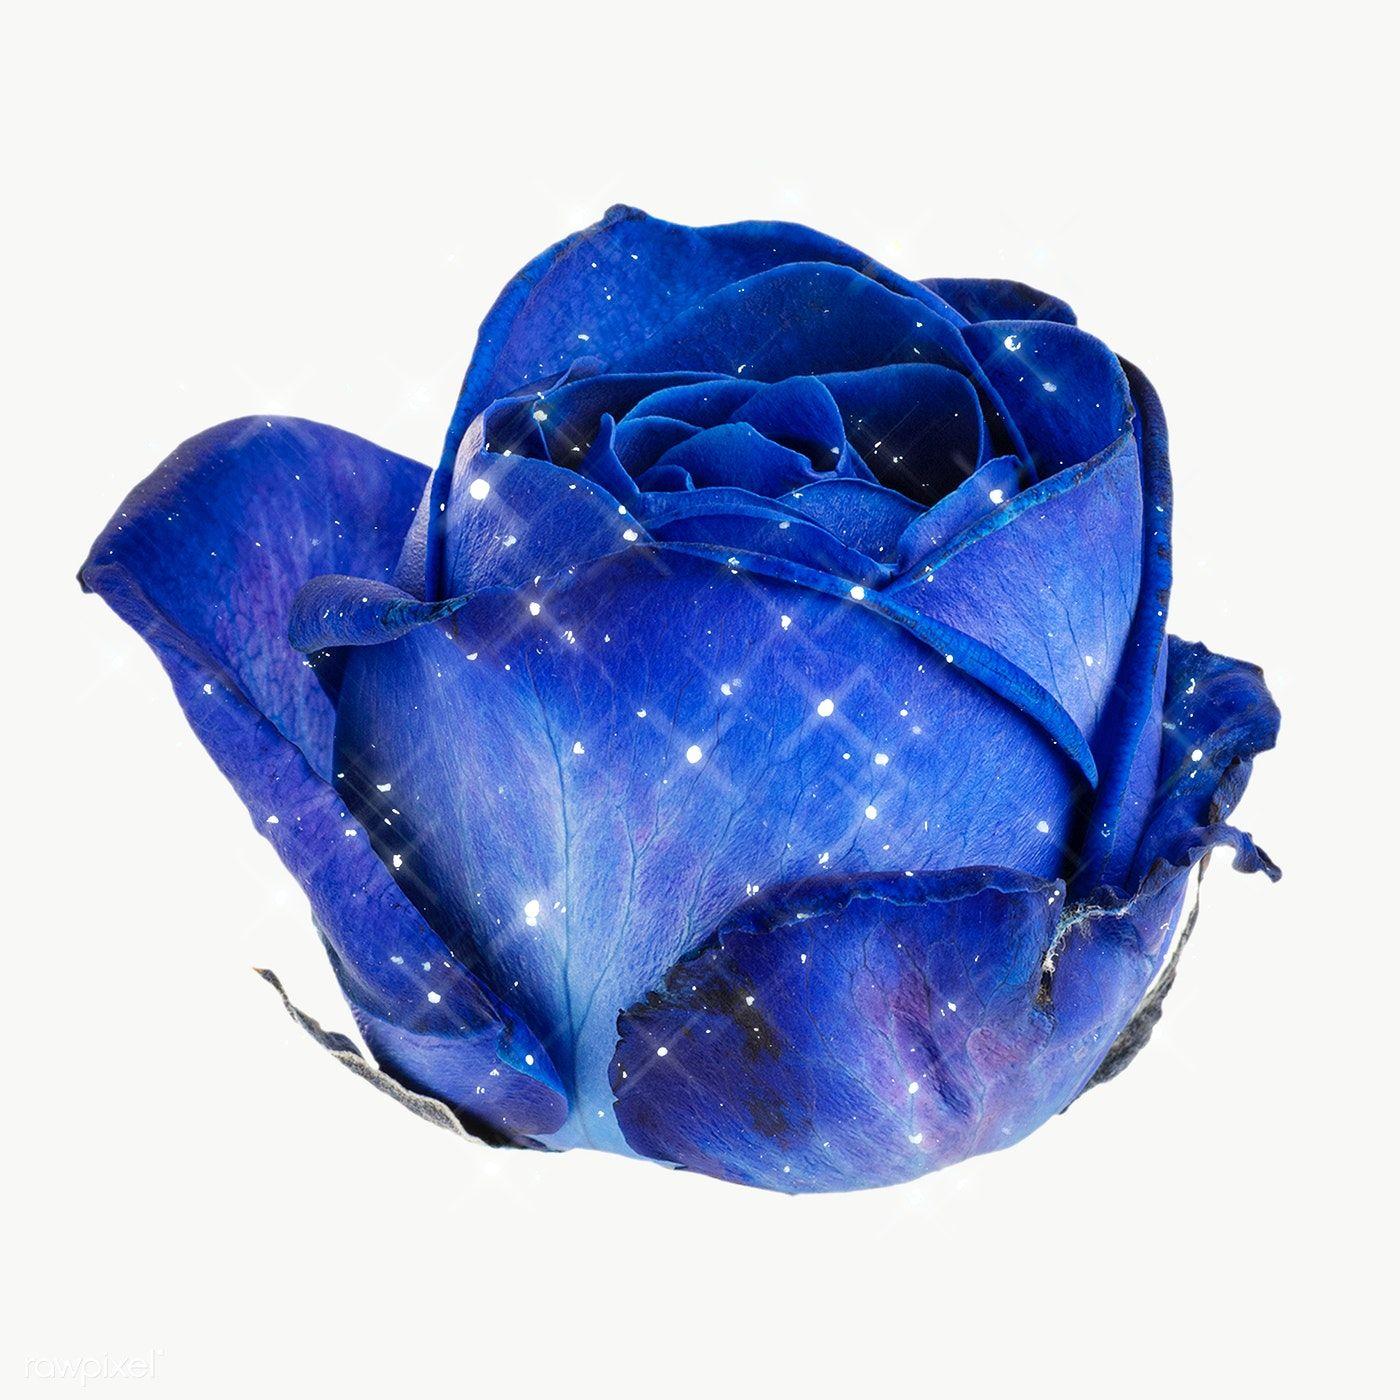 Sparkling Blue Rose Flower Design Element Free Image By Rawpixel Com Manotang Blue Flower Png Blue Rose Rose Flower